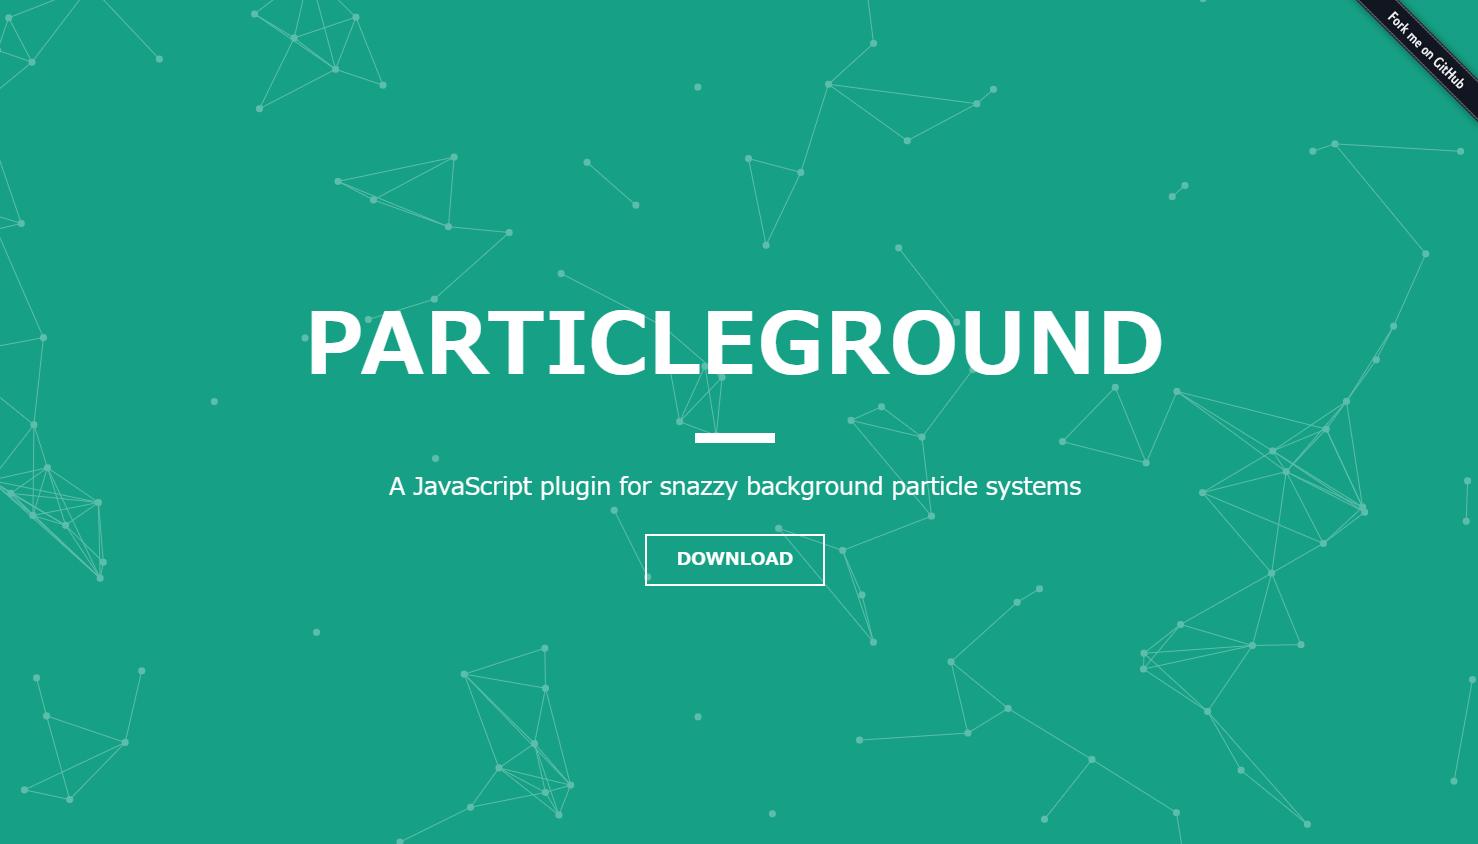 アニメーションする幾何学的な模様の背景を実装できるjQueryプラグイン「Particleground」